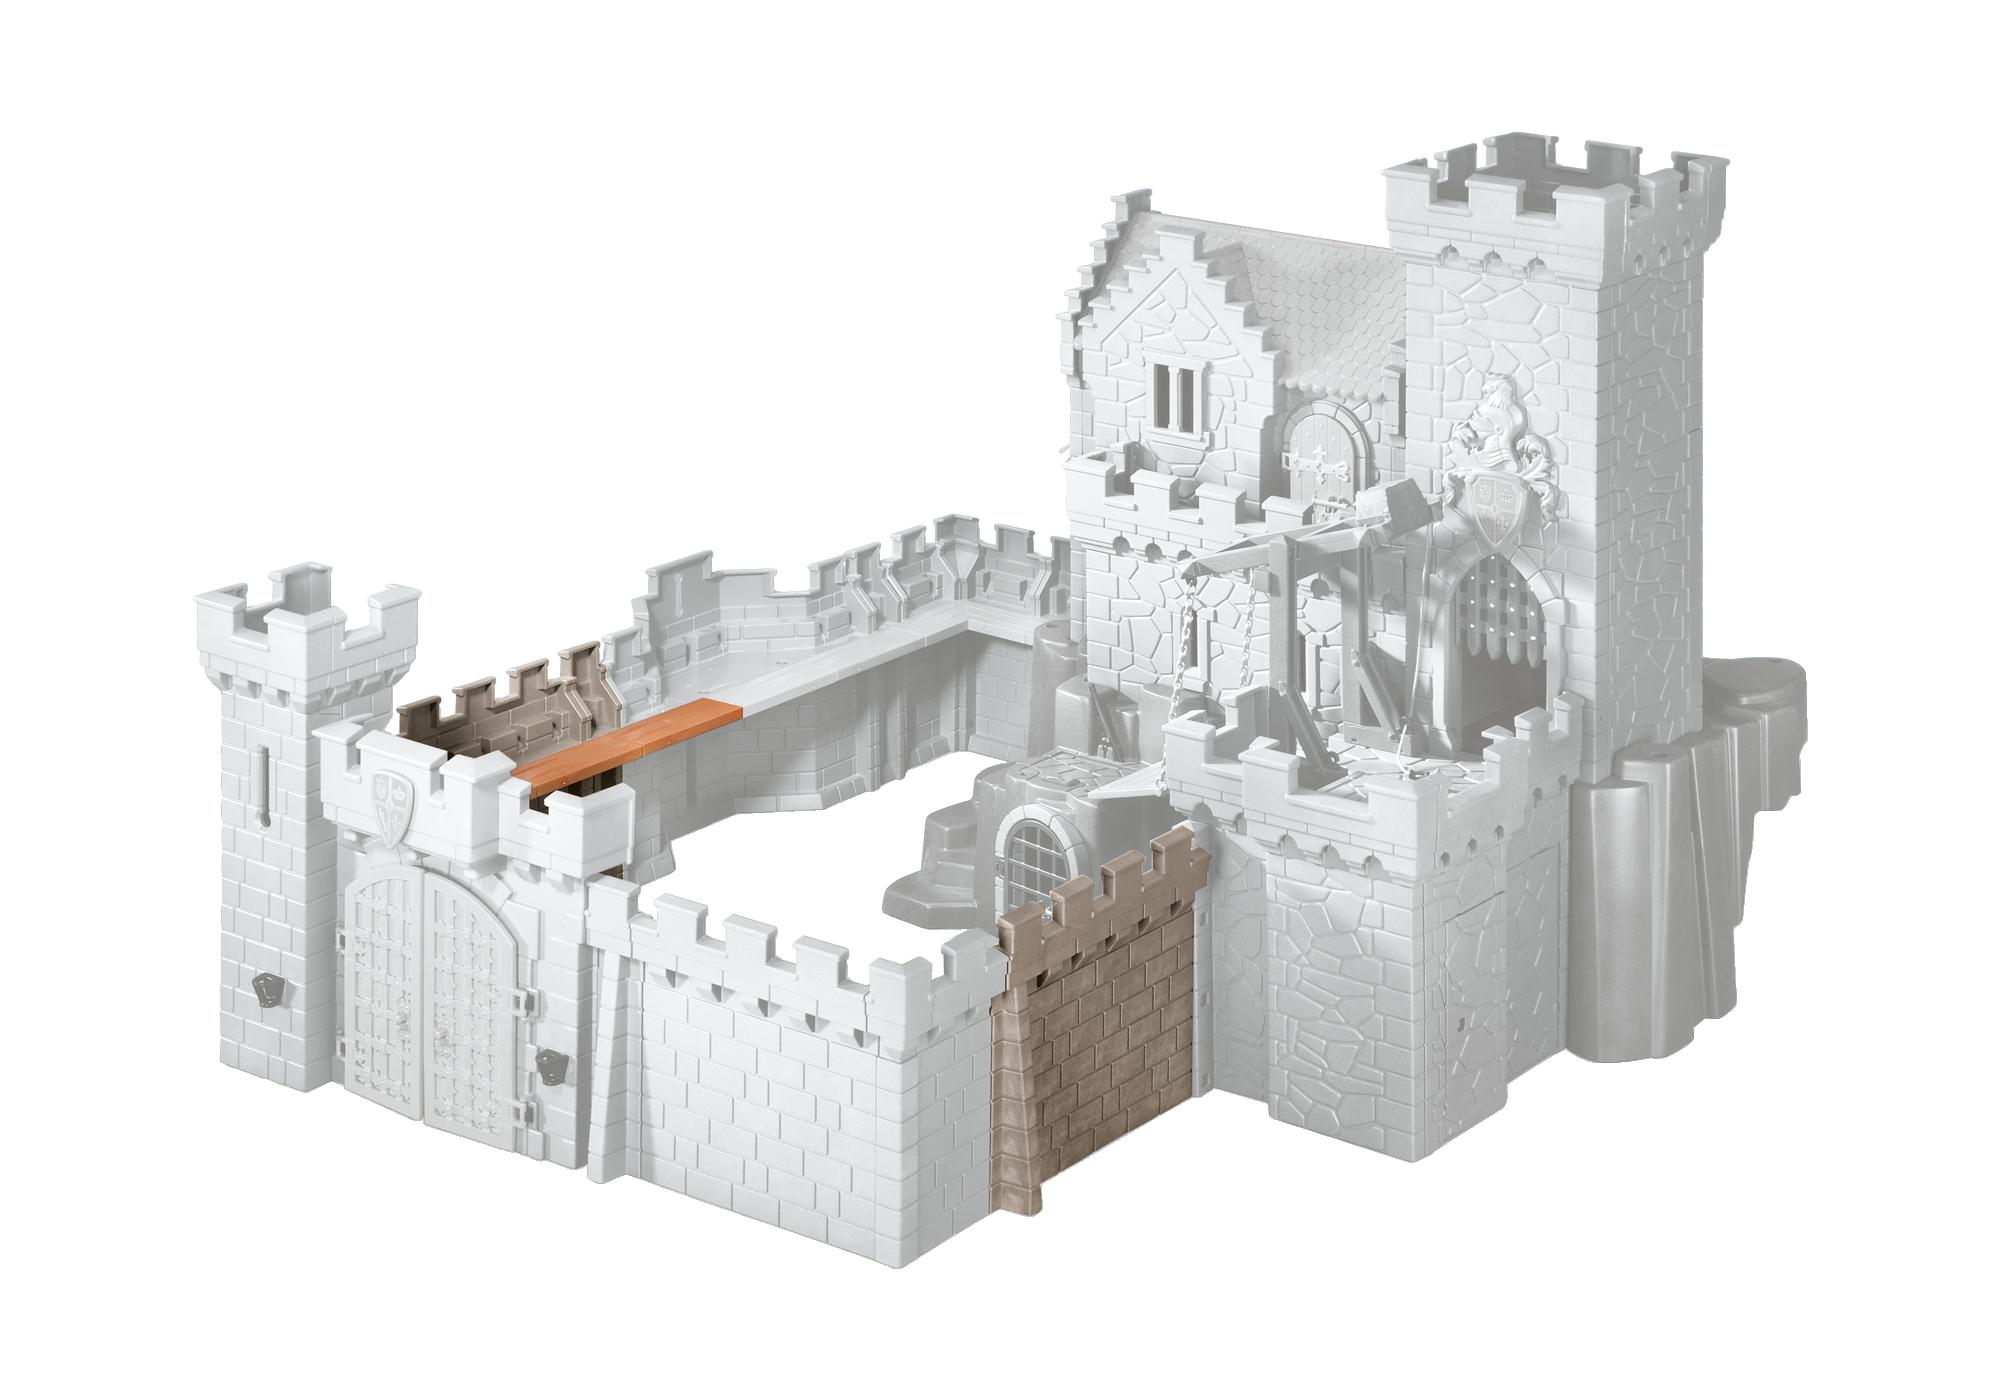 http://media.playmobil.com/i/playmobil/6371_product_detail/Uitbreidingsmuur voor art 6000 en 6001 in de Knights speelwereld